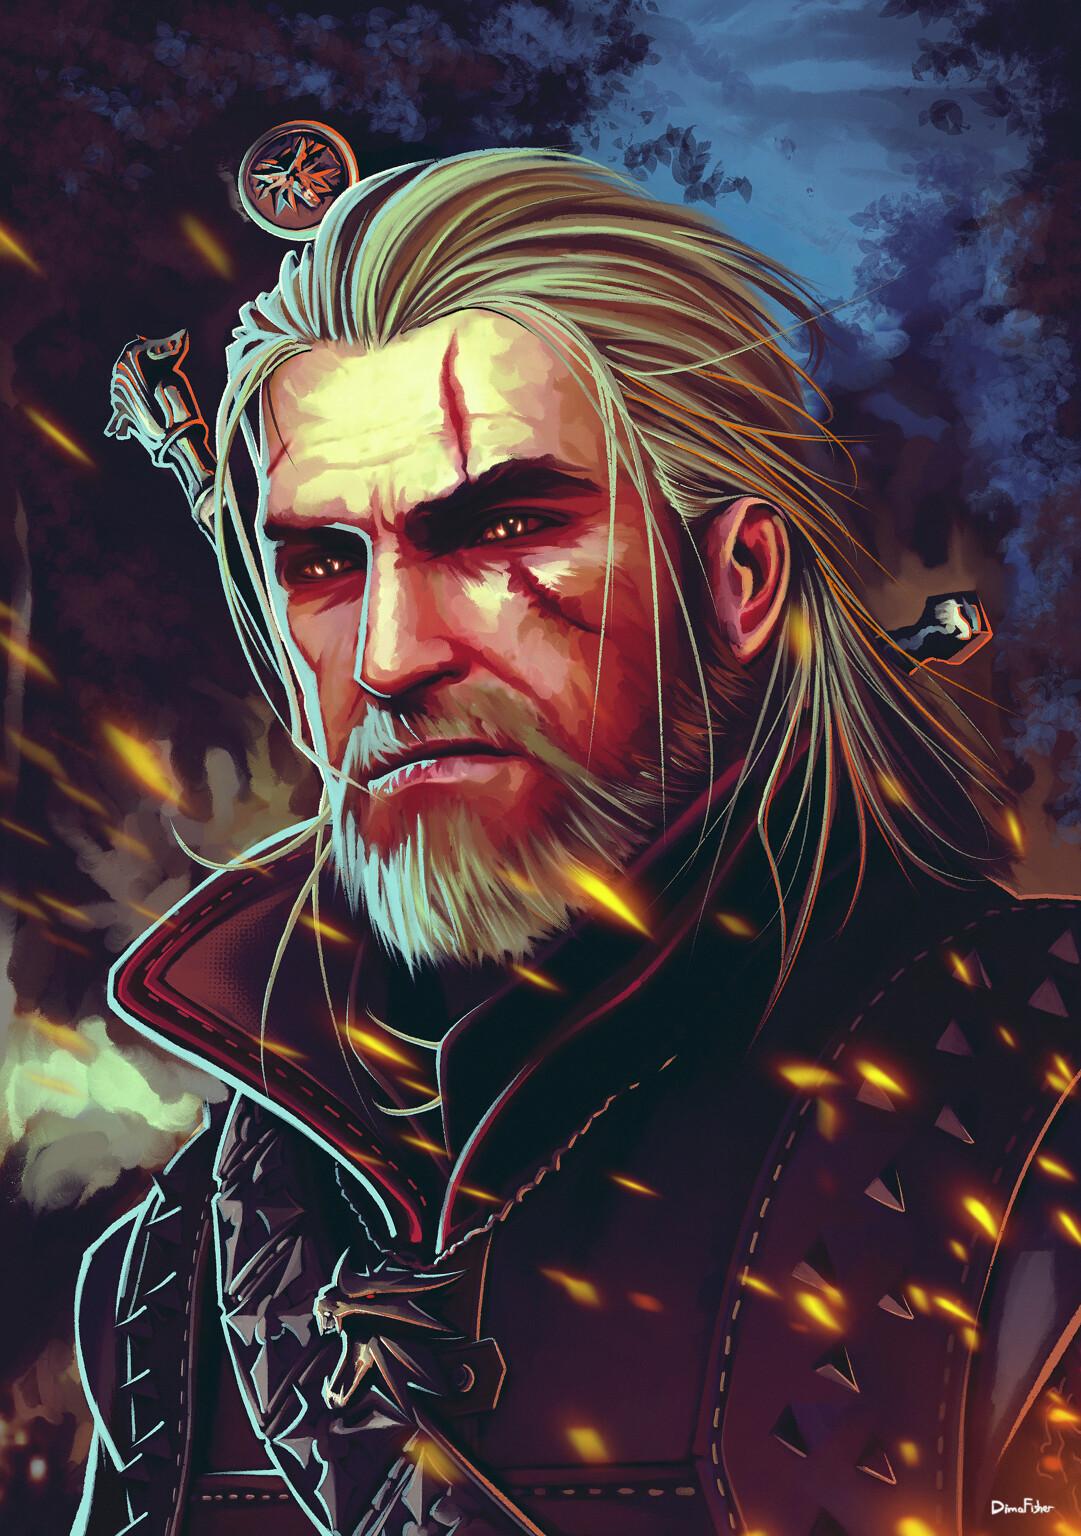 Geralt Of Rivia Hair : geralt, rivia, Wallpaper, White, Hair,, Witcher,, Wolf,, Witcher, Hunt,, Geralt, Rivia,, Digital, Video, Games, 1081x1536, Wolfieee, 1929735, Wallpapers, WallHere